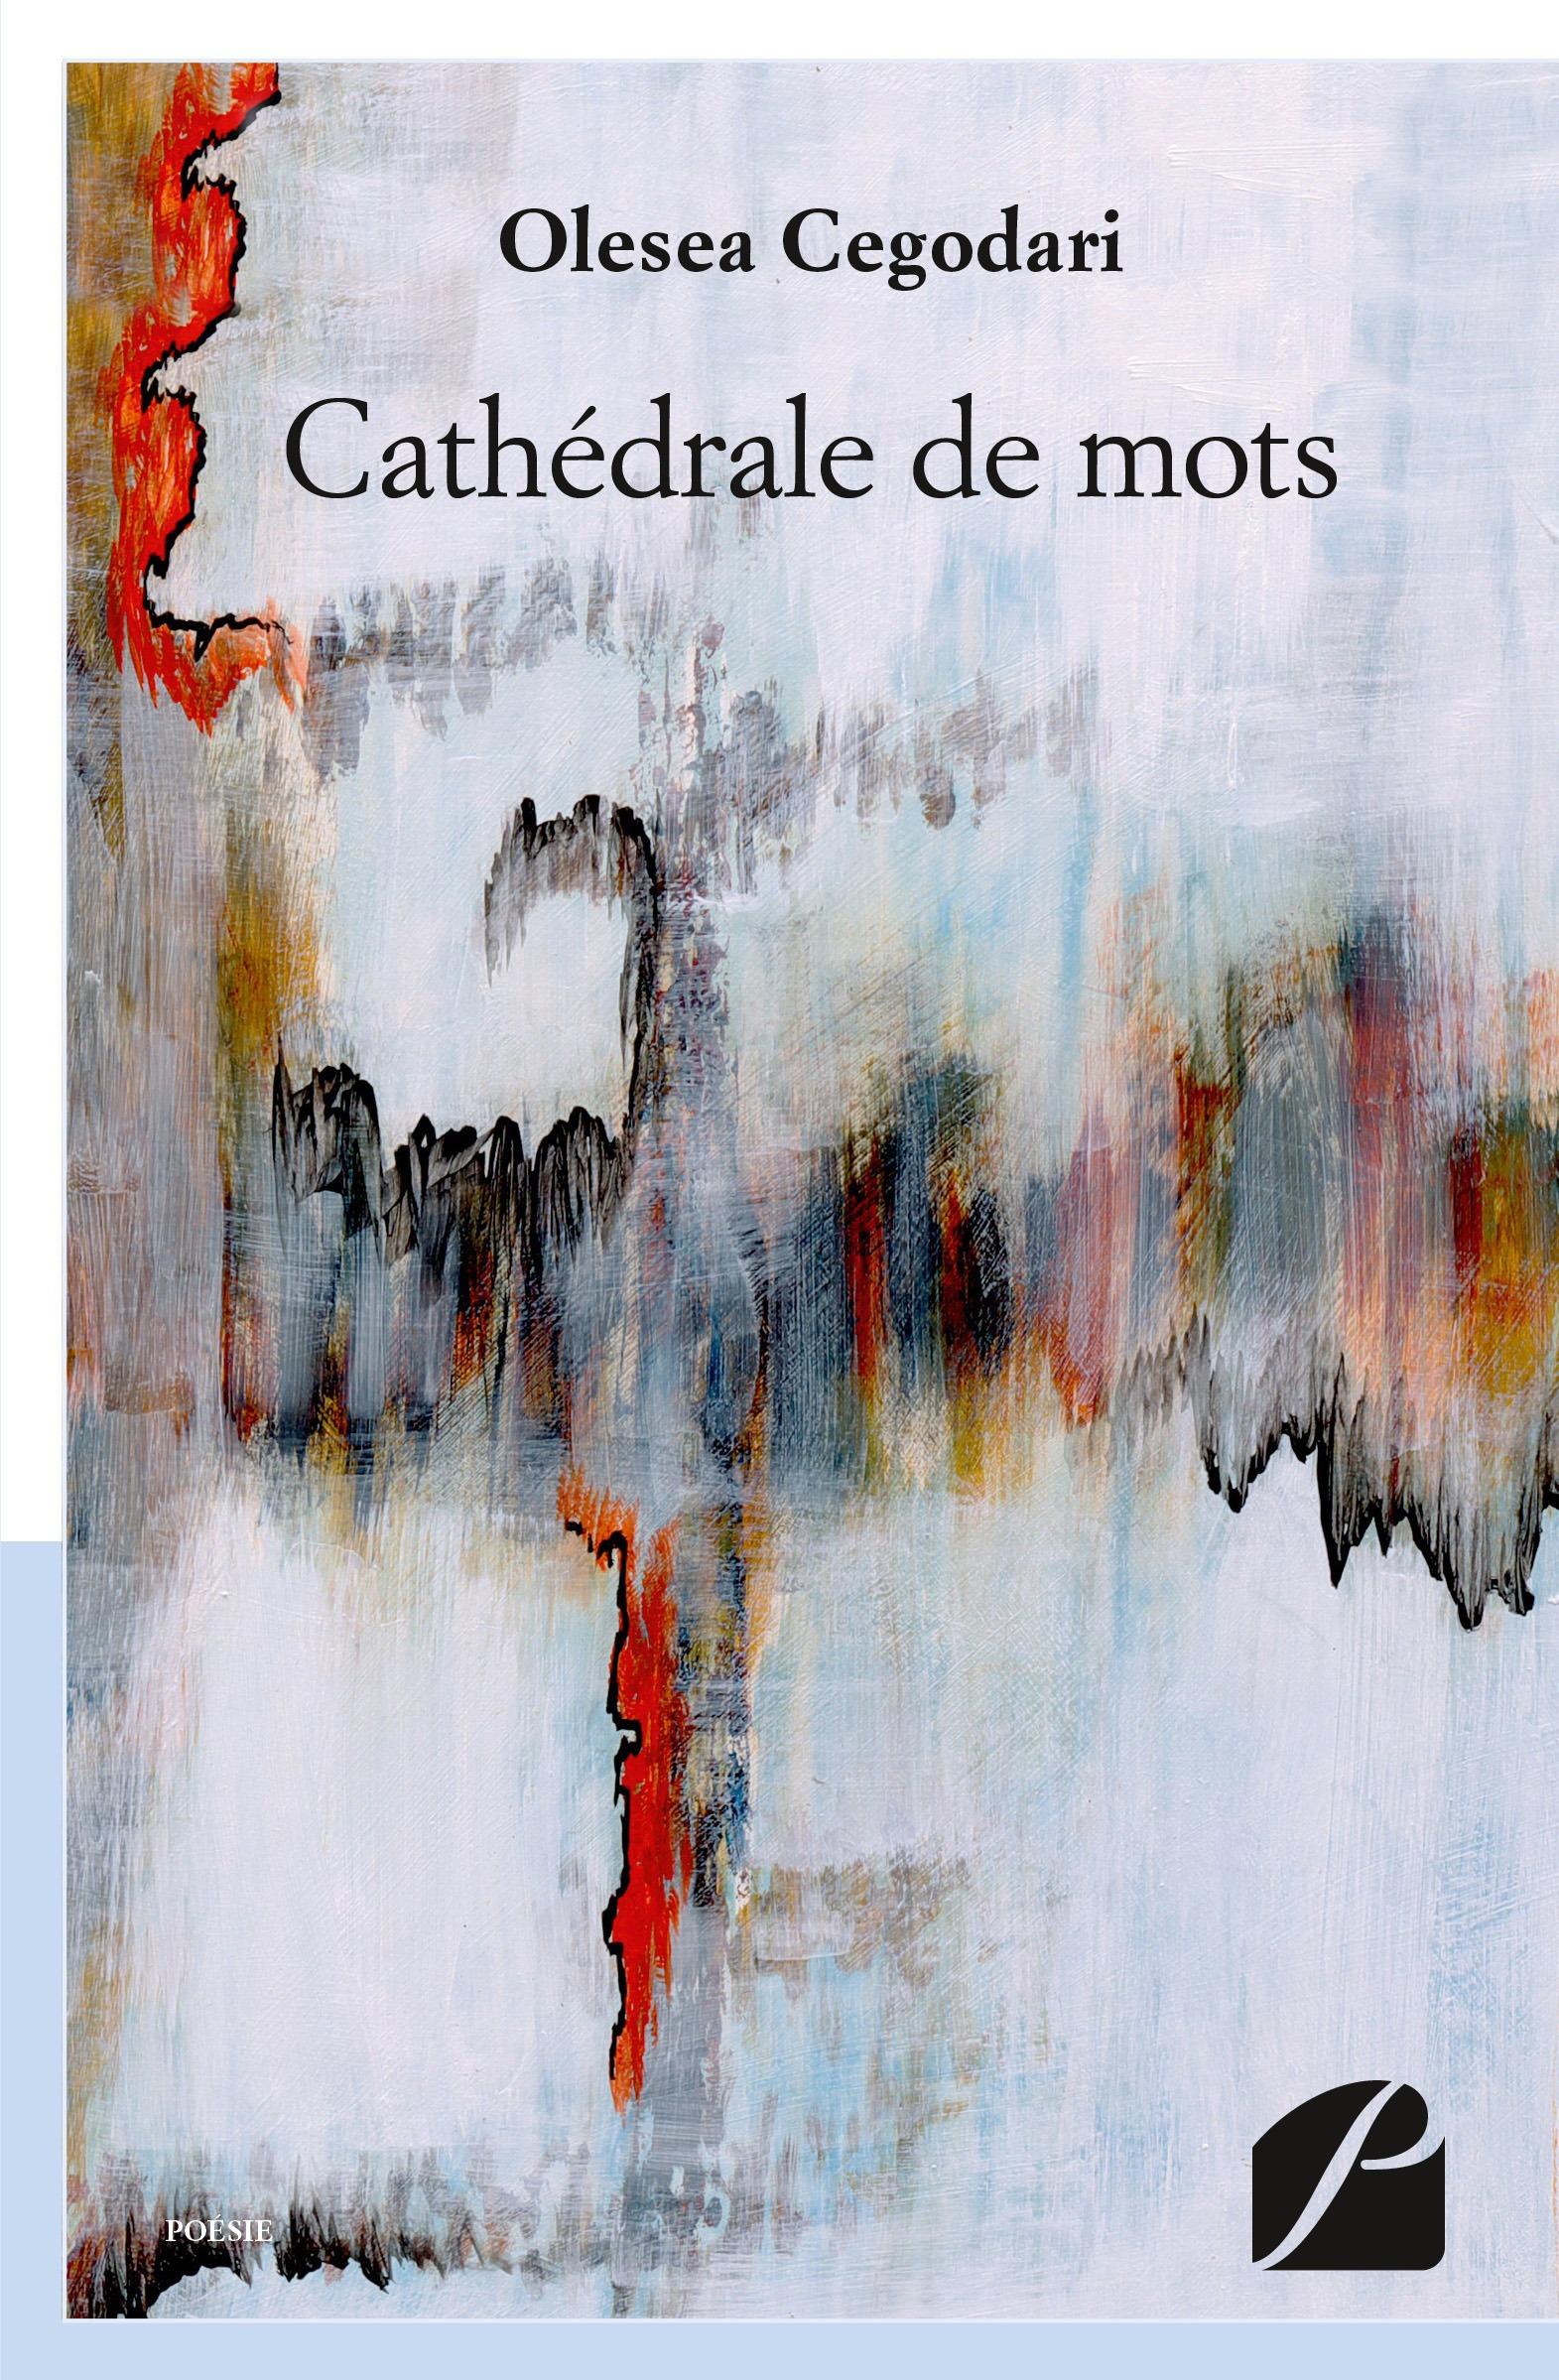 Cathedrale de mots